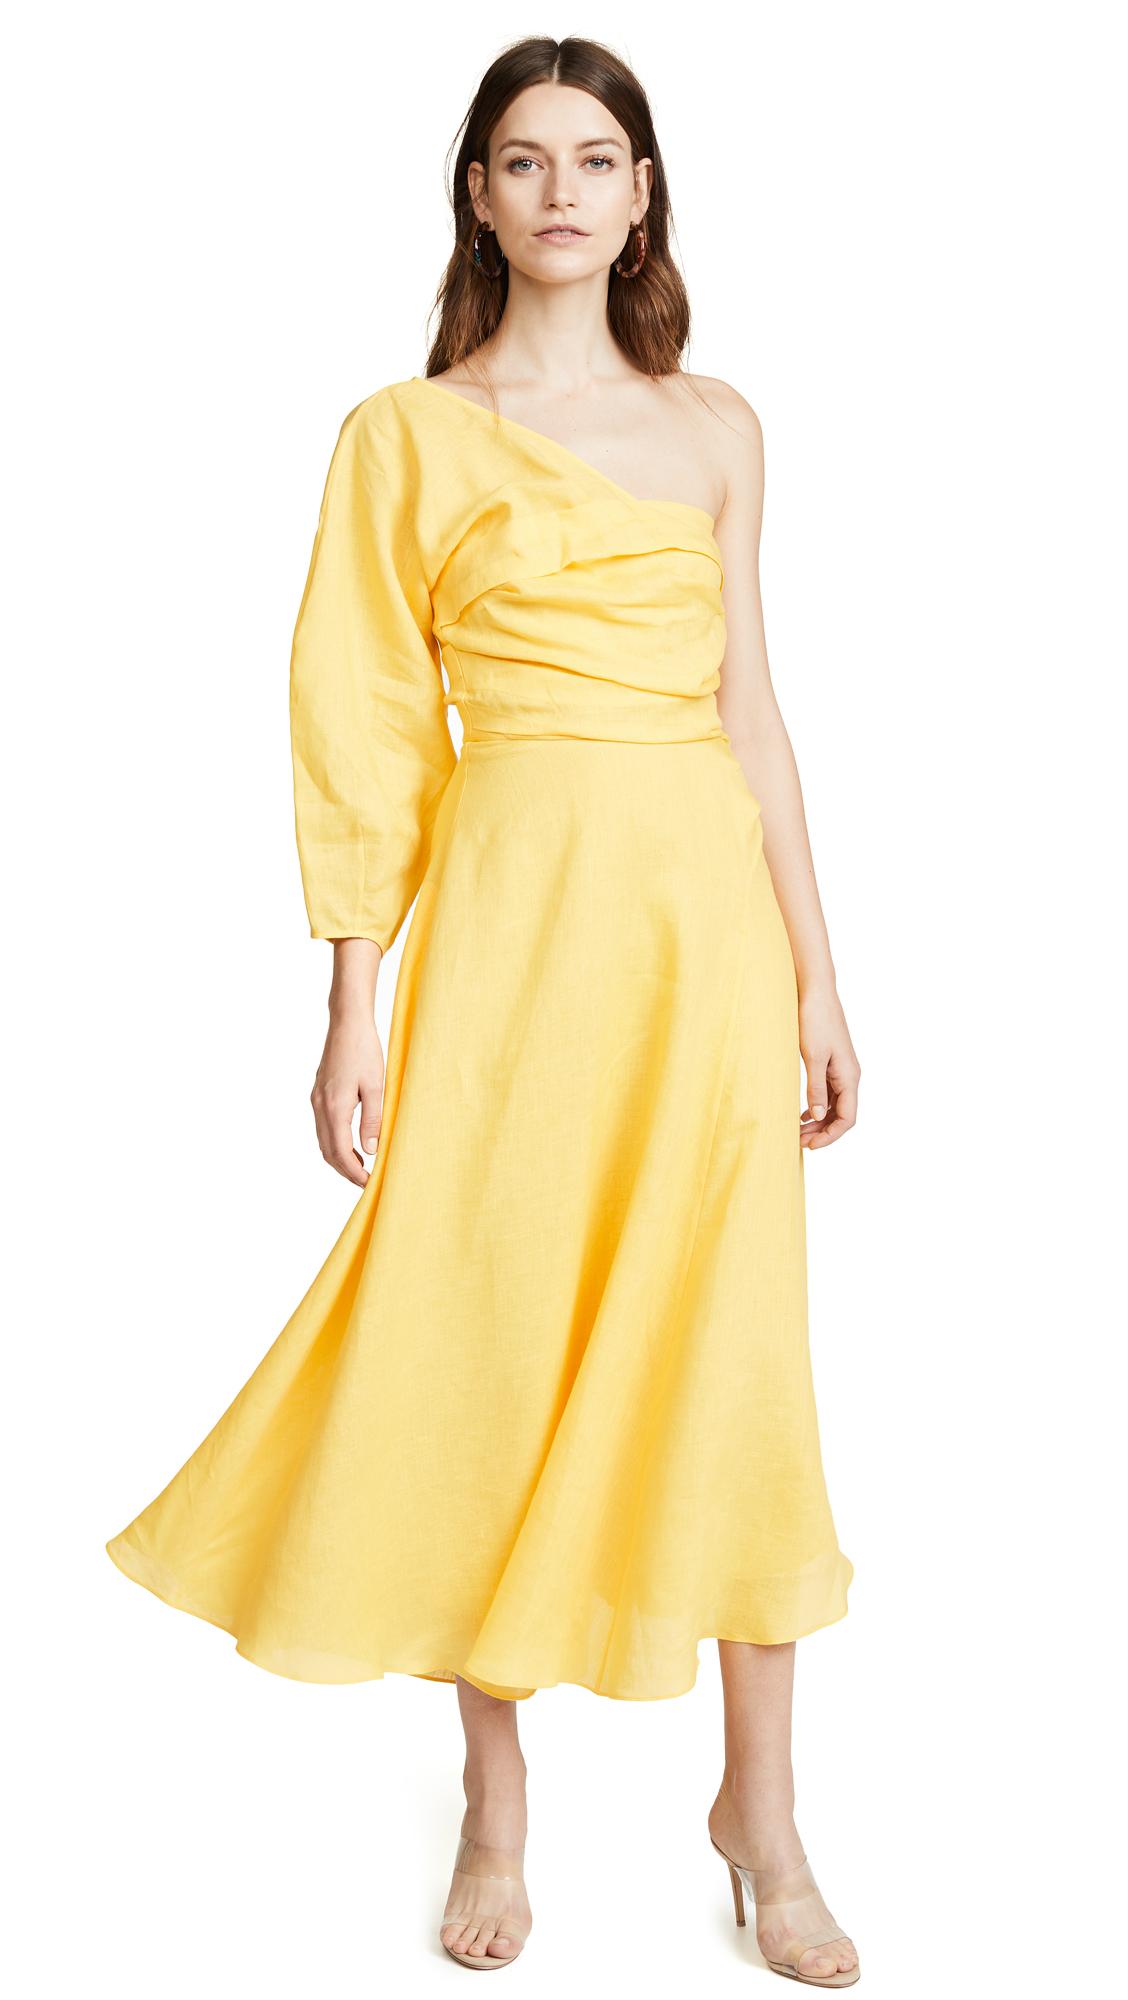 Rachel Comey Tipple Dress In Yellow